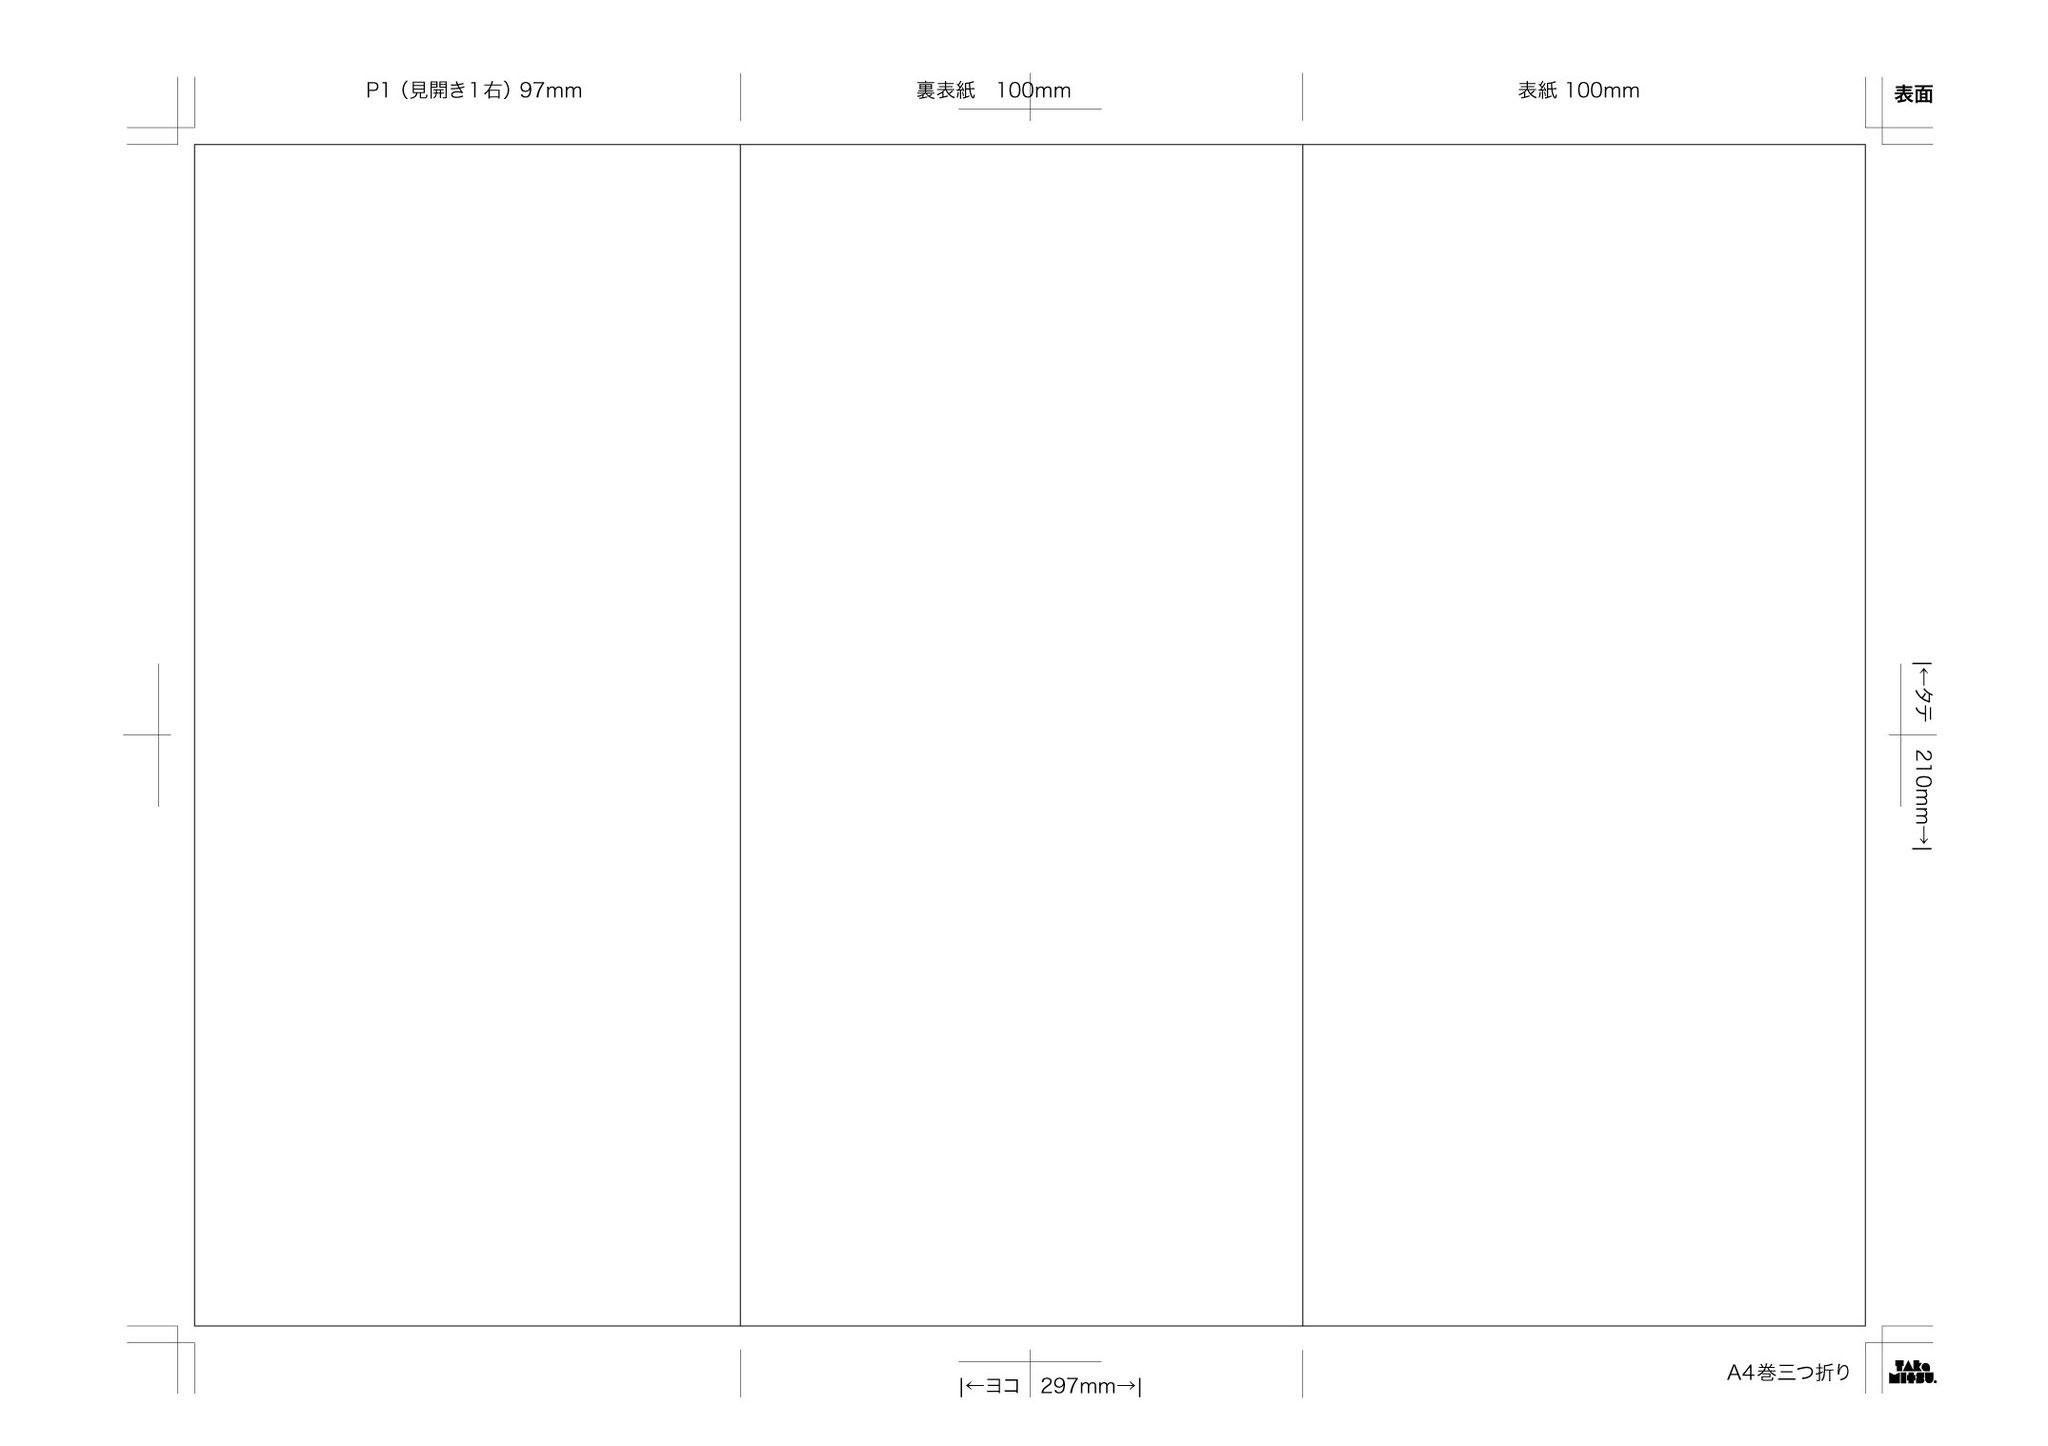 A4巻三つ折りパンフレット_デザイン制作用レイアウト指示書_表面テンプレート